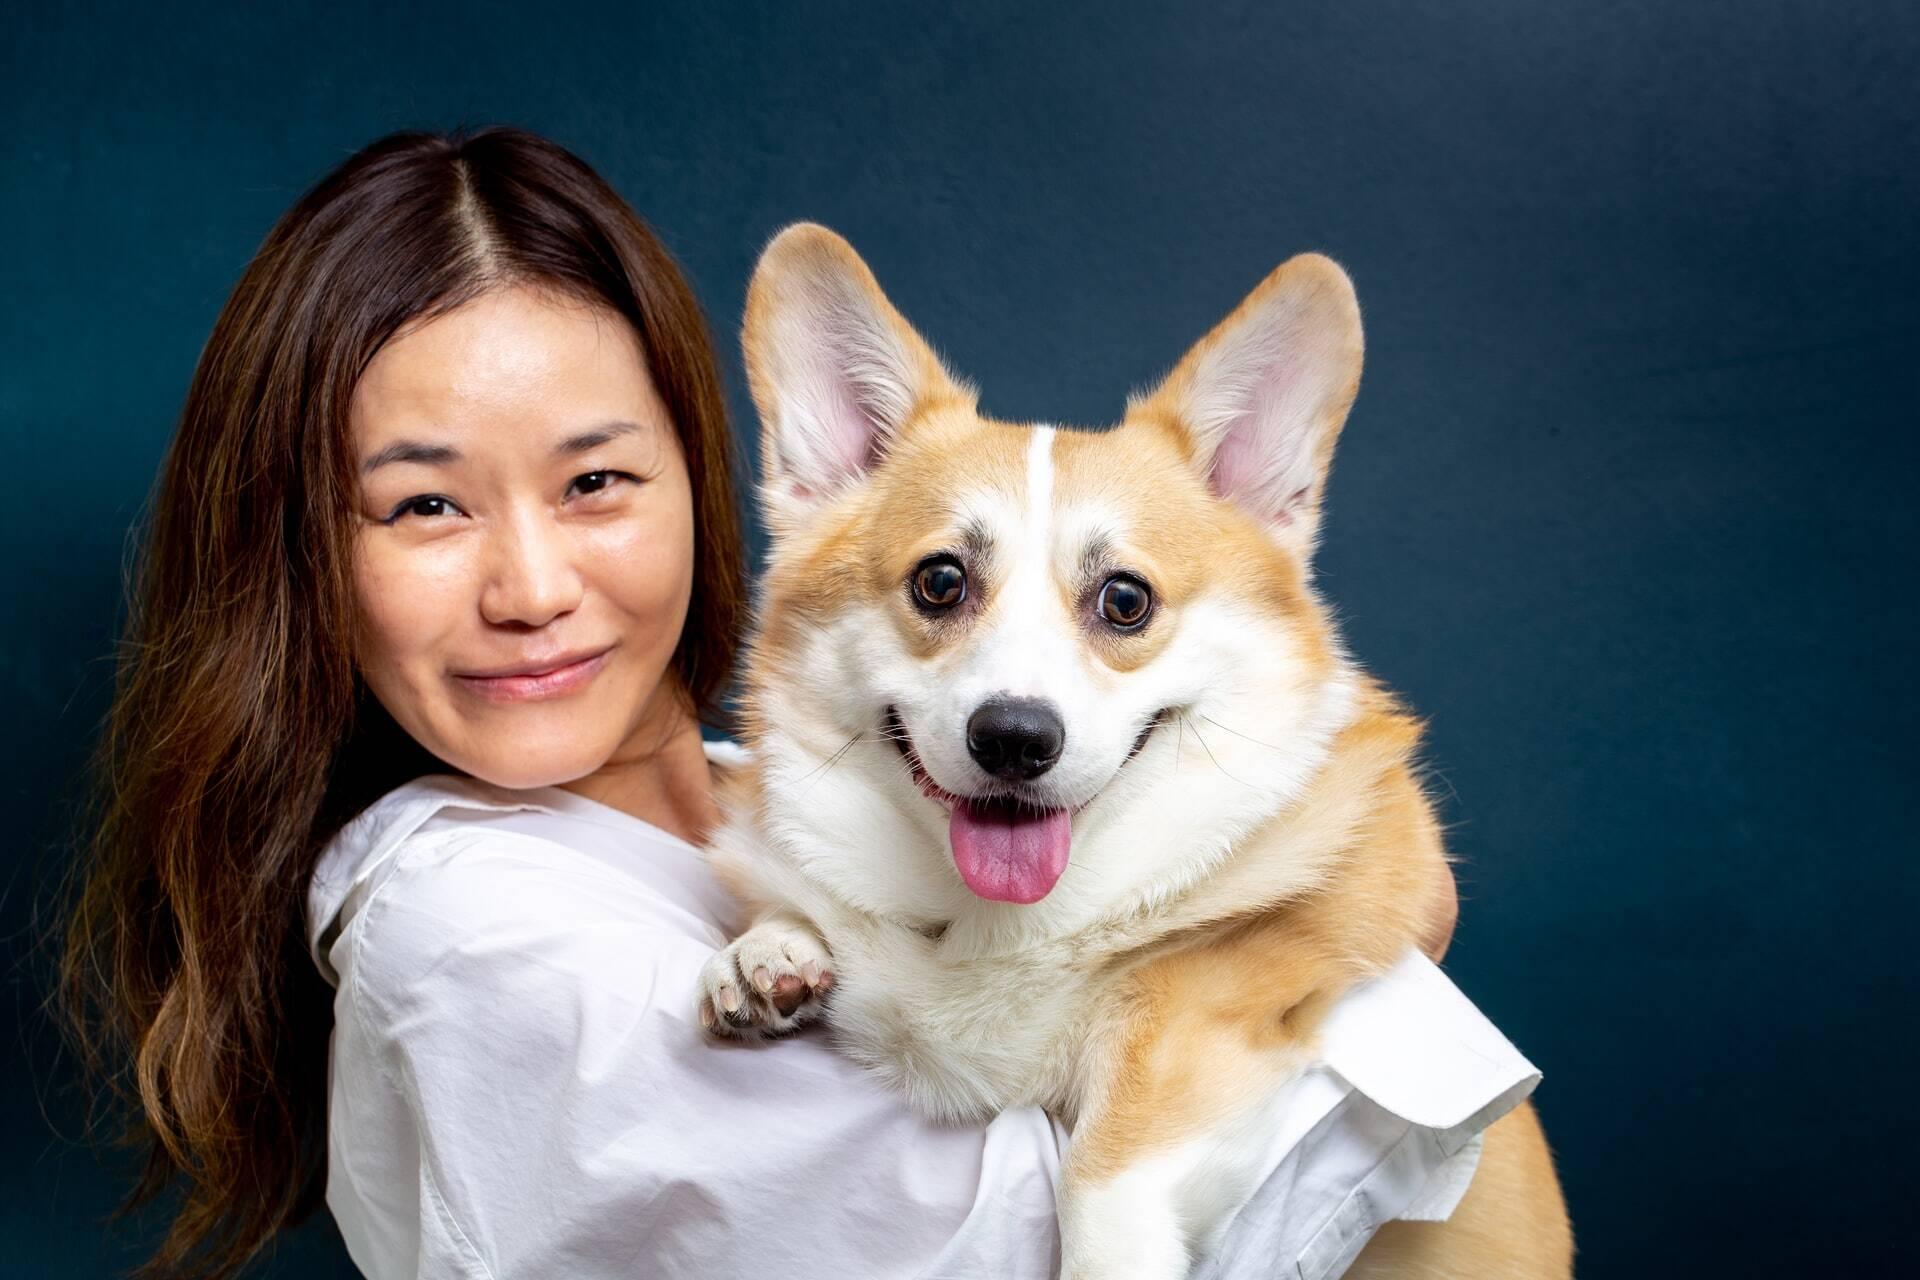 Nova lei garante proteção legal para pets vítimas de abuso na Coreia do Sul